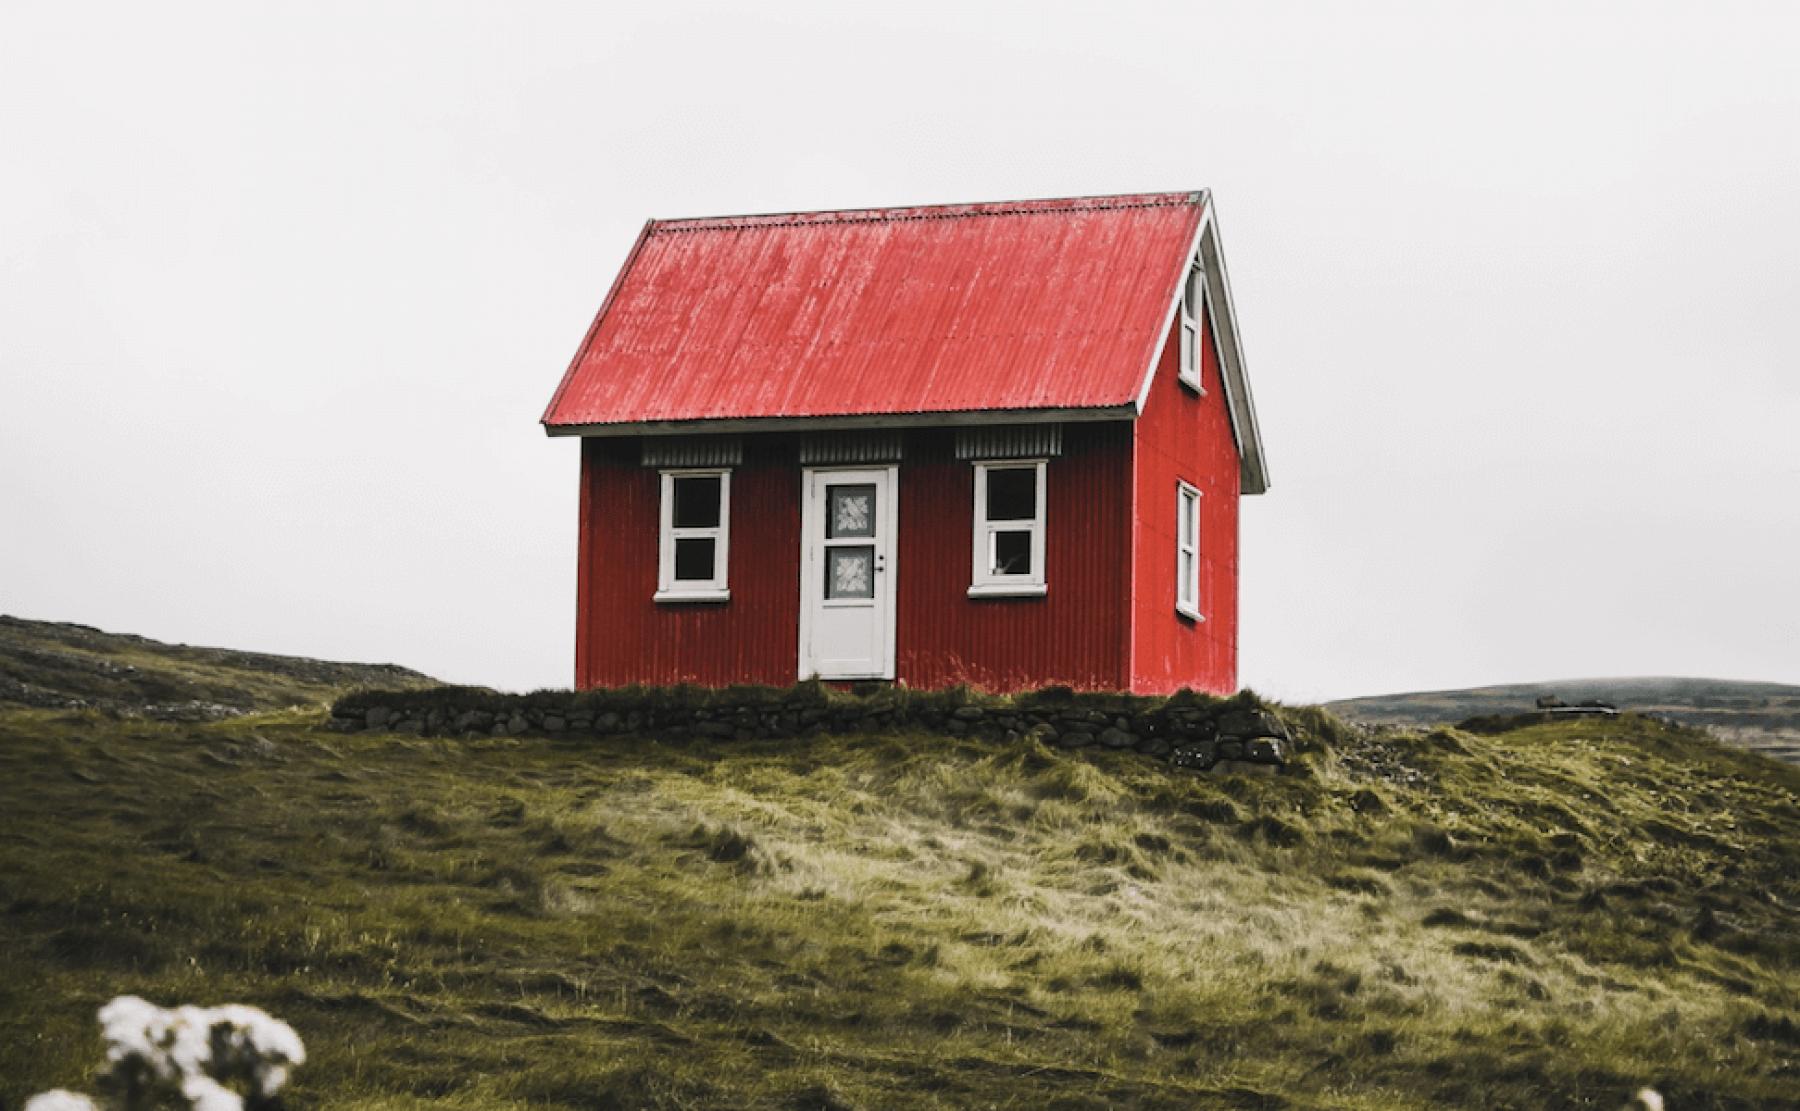 Rött hus med vita knutar i öde landskap